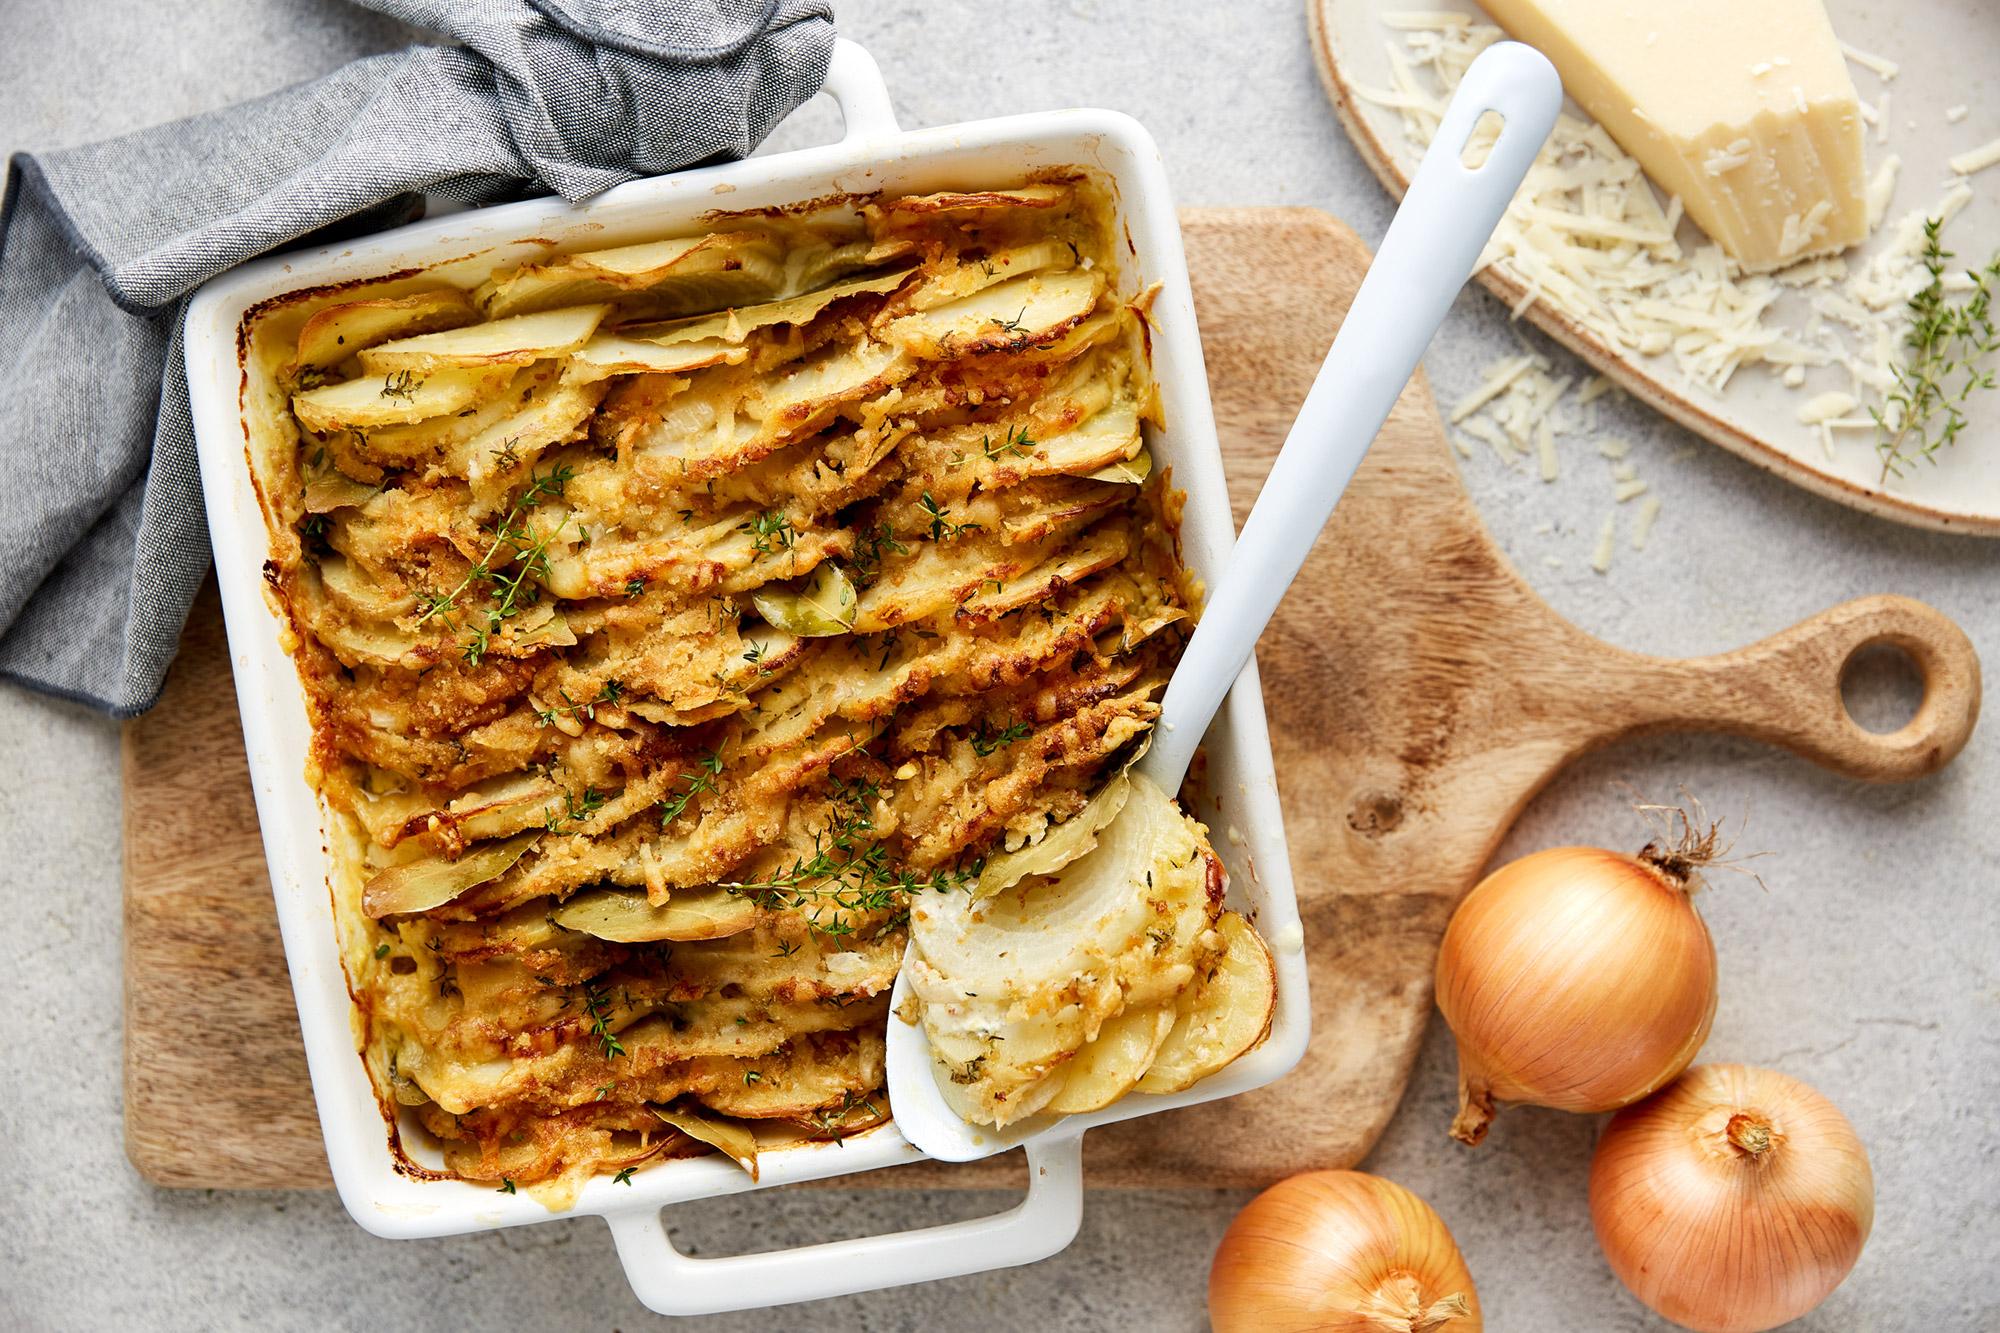 Cheesy onion and potato tray bake